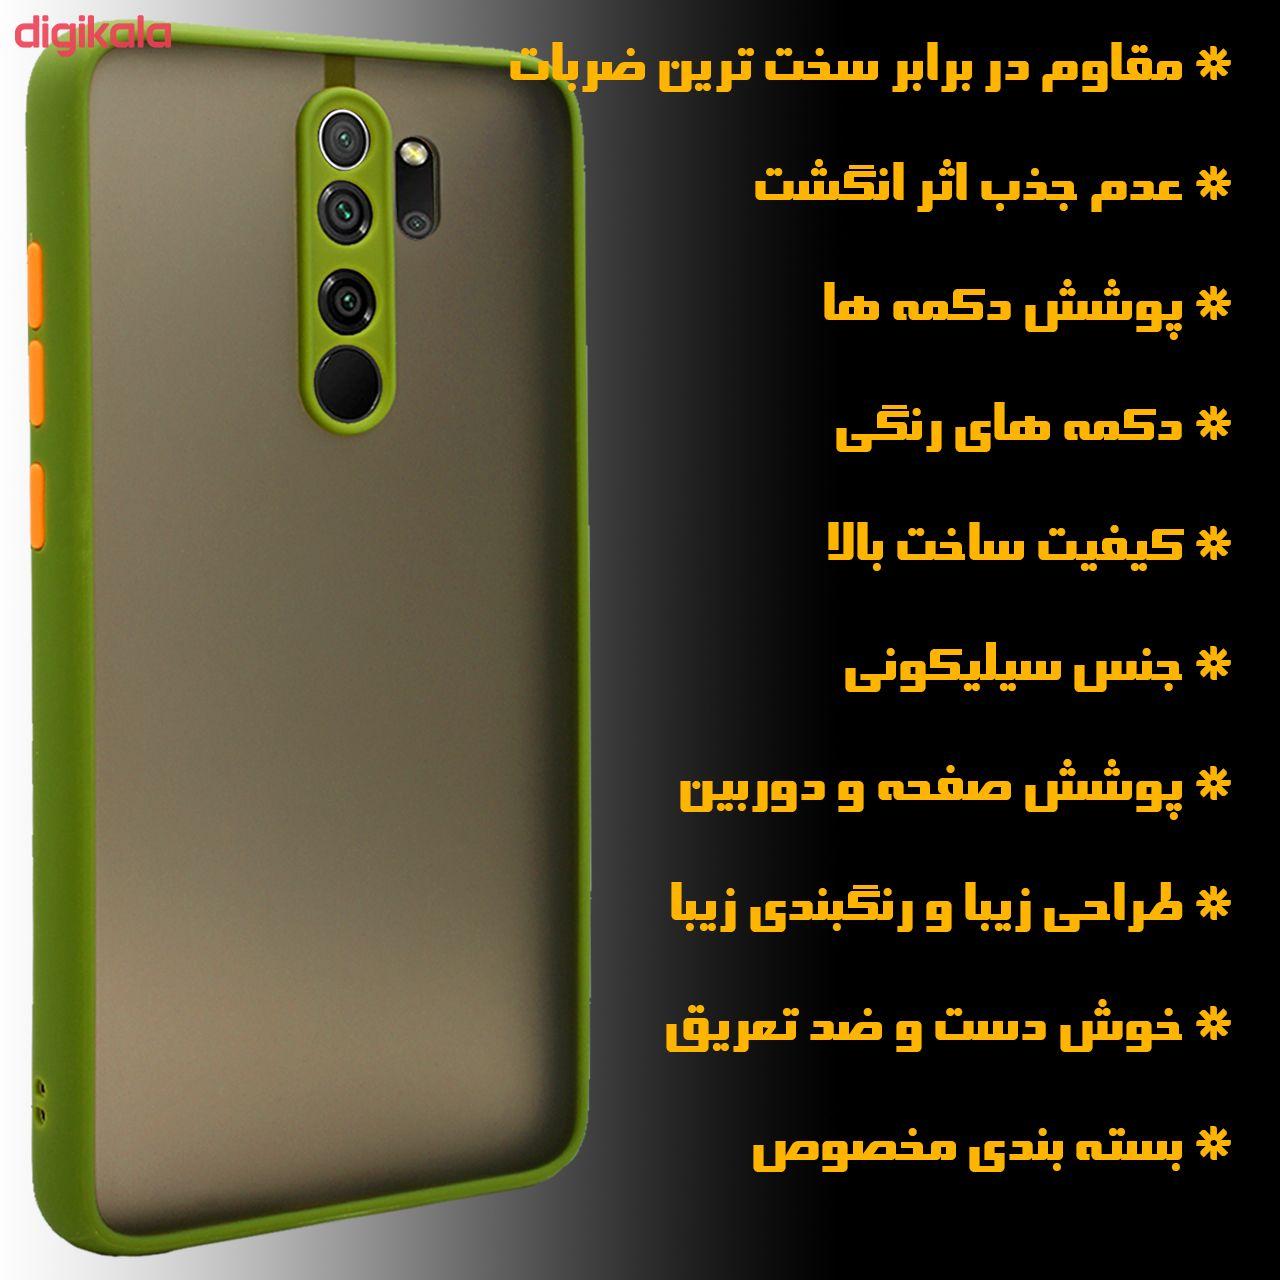 کاور کینگ پاور مدل M22 مناسب برای گوشی موبایل شیائومی Redmi Note 8 Pro main 1 2